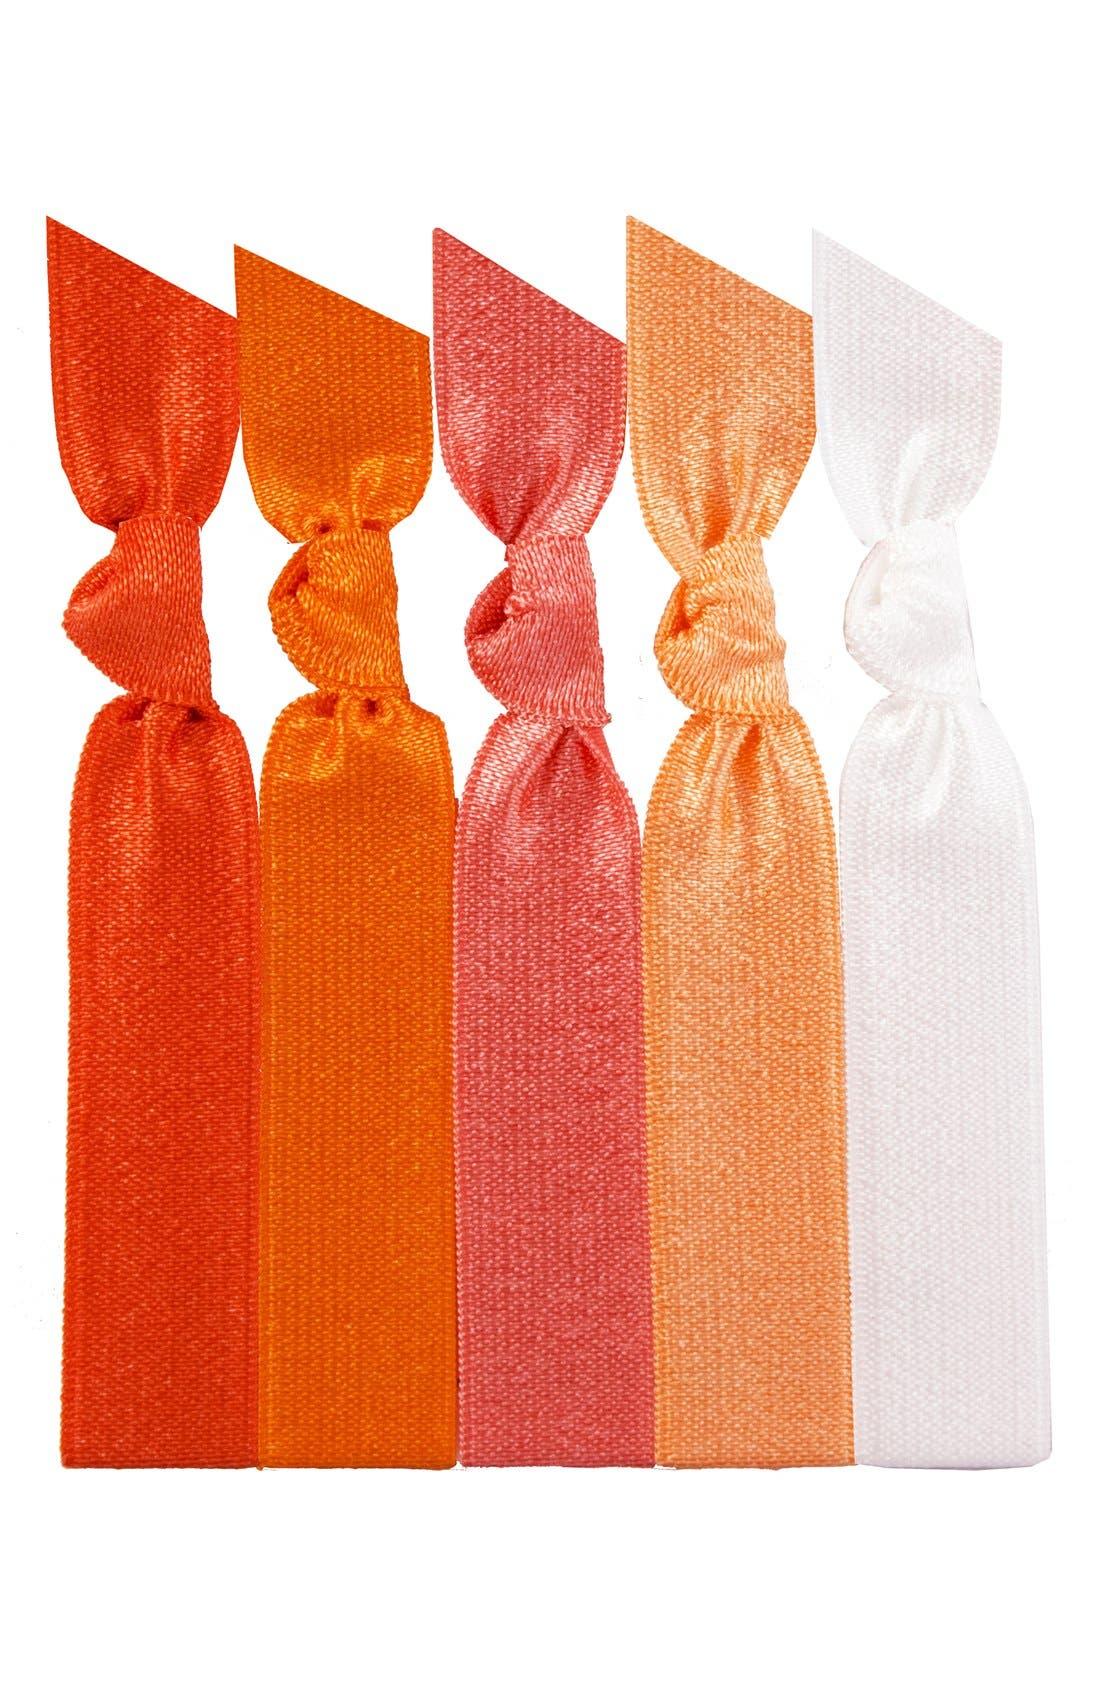 Alternate Image 1 Selected - Emi-Jay 'Orange Ombré' Hair Ties (5-Pack) ($10.80 Value) (Buy 2, Get 1)